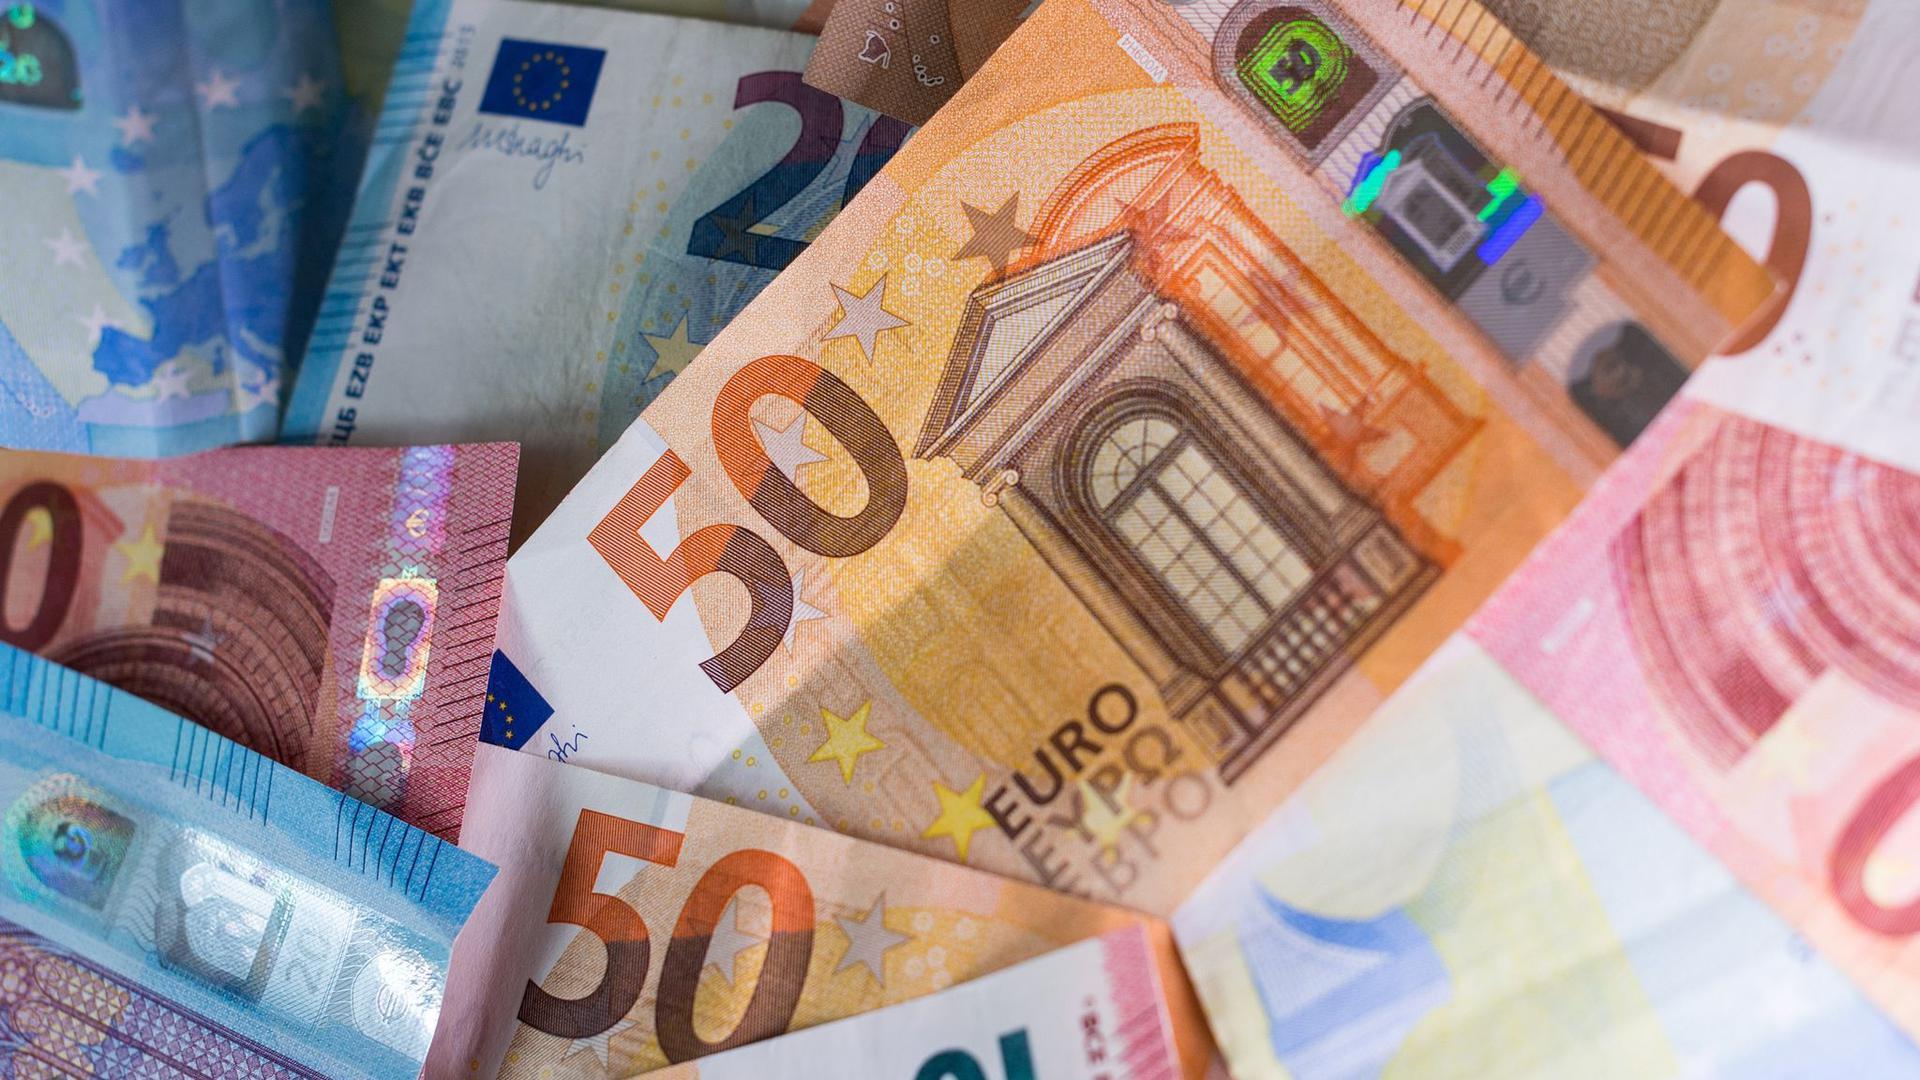 Bargeld verliert nach Erkenntnissen der Europäischen Zentralbank (EZB) für Verbraucher allmählich an Bedeutung.